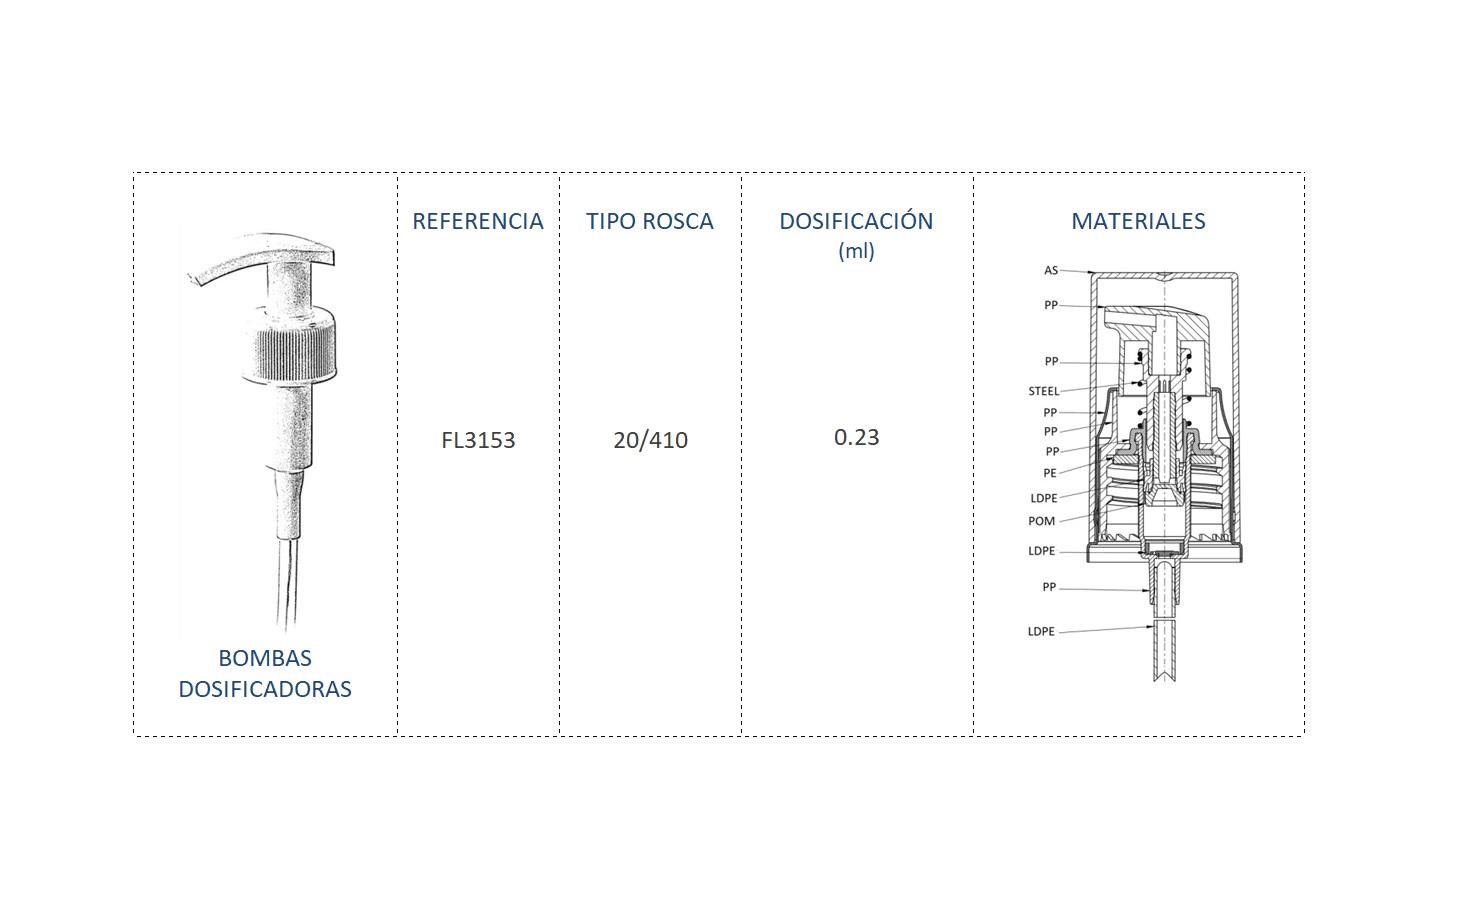 Cuadro materiales bomba dosificadora FL3153 20-410